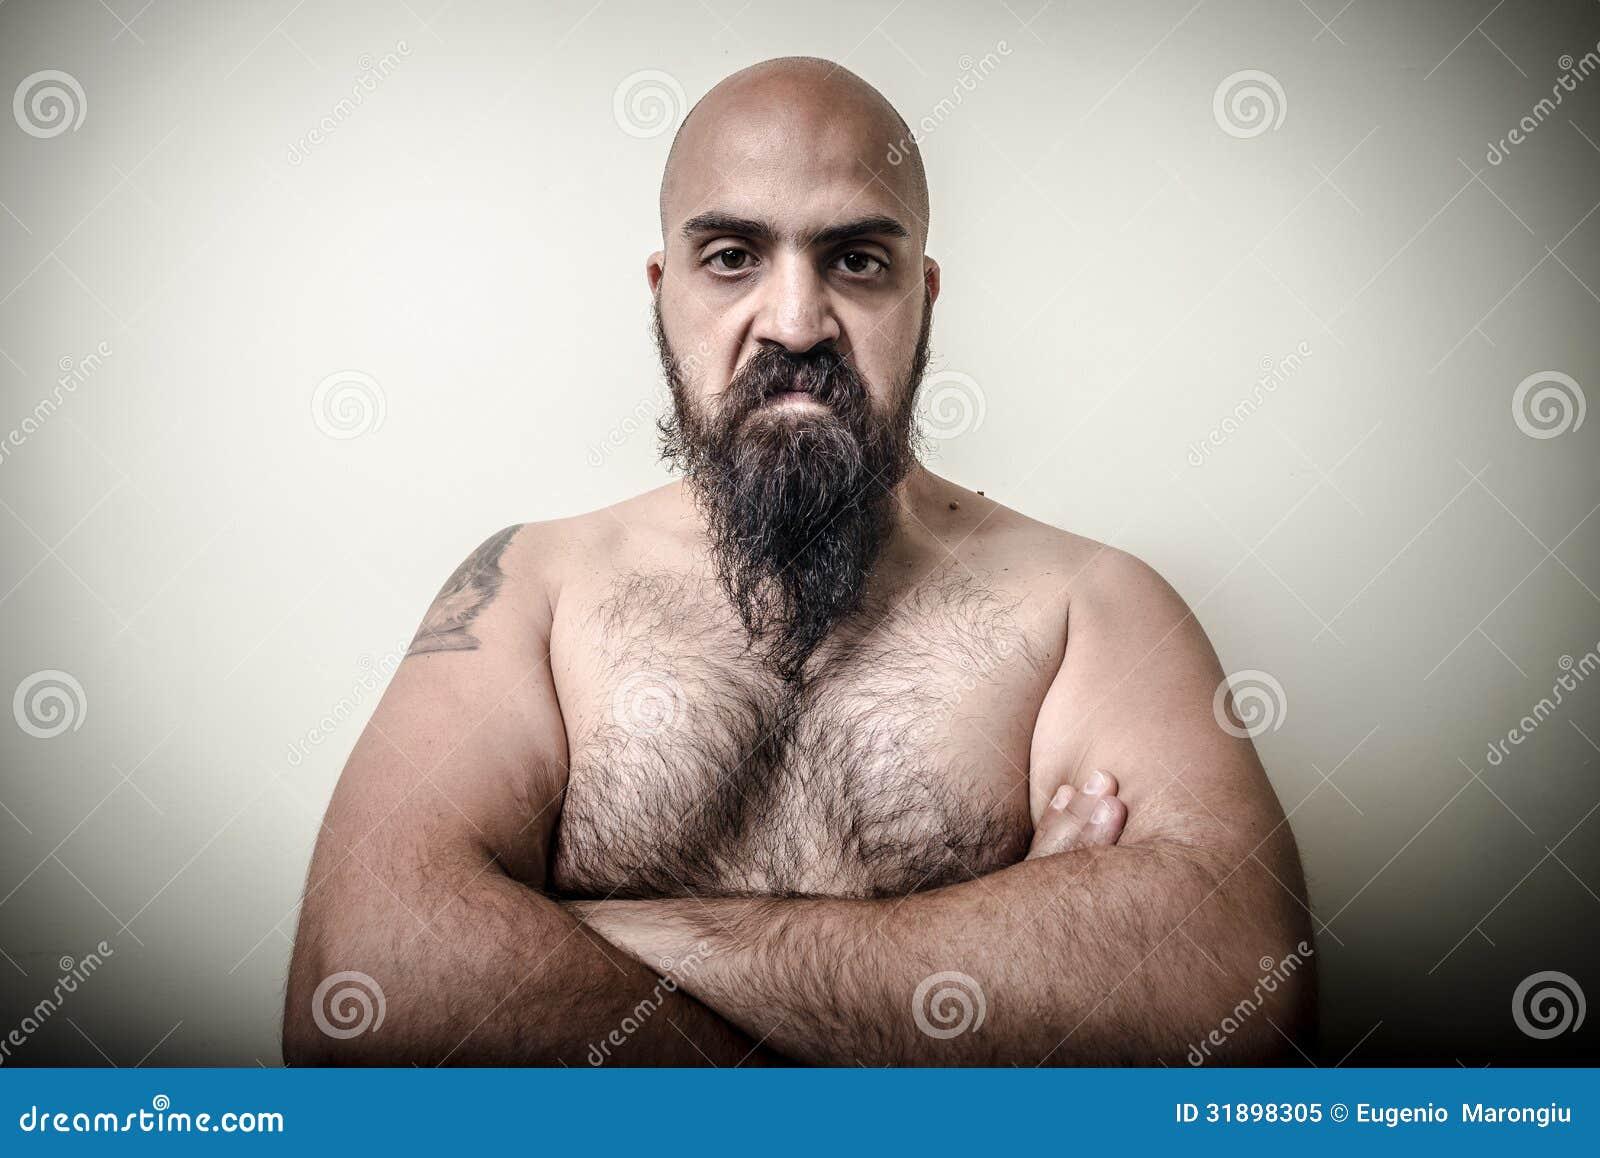 Сильно волосатый мужик, Волосатые парни ВКонтакте 27 фотография